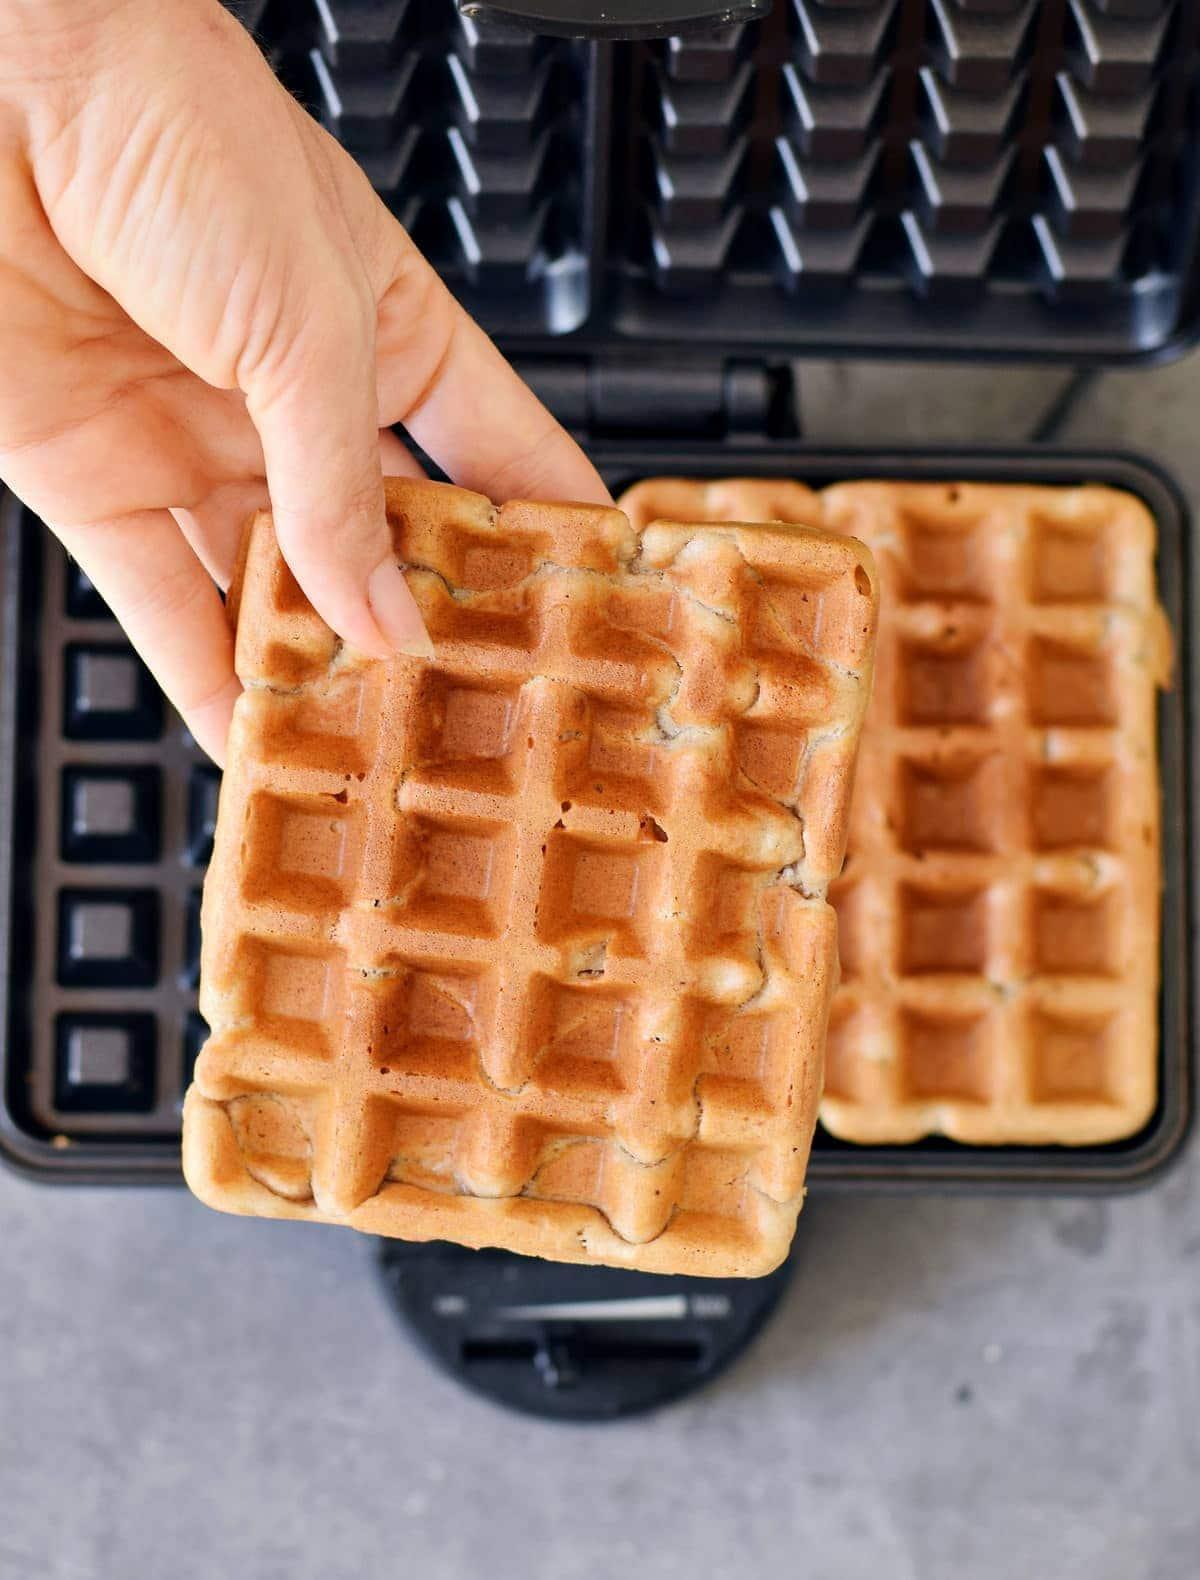 hand holding one vegan waffle